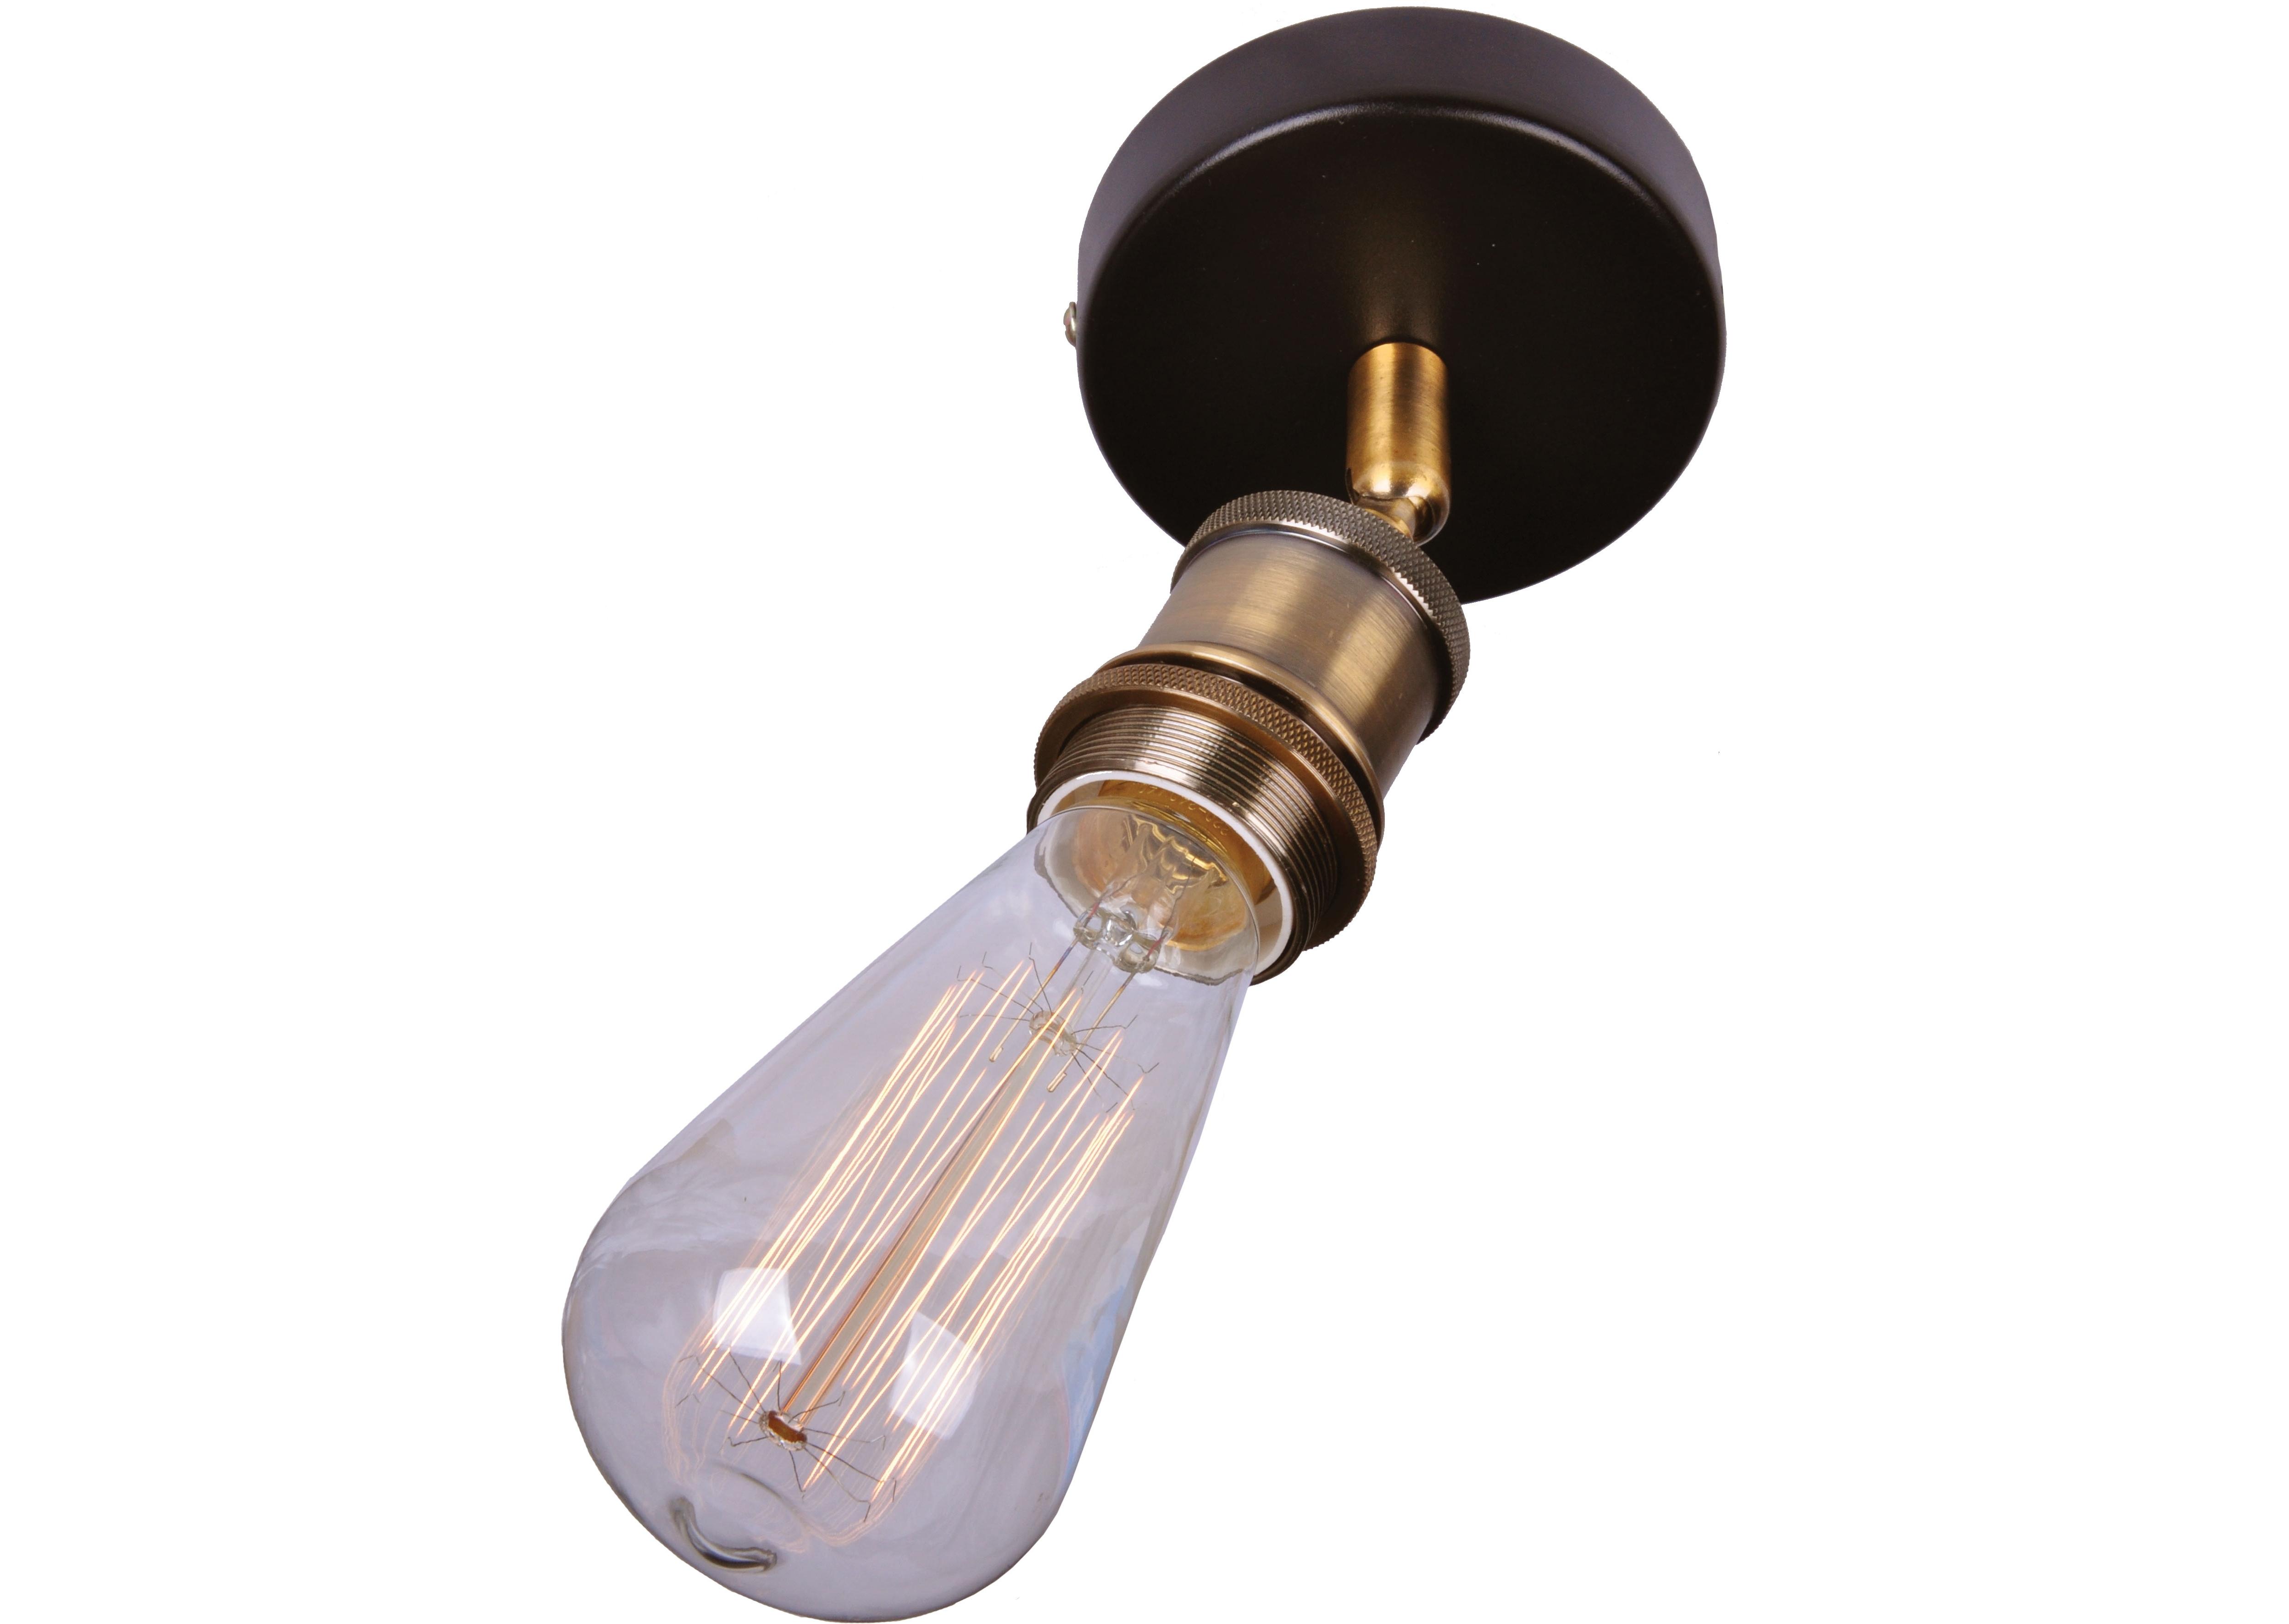 Потолочный светильникПотолочные светильники<br>Материал: металл<br>Лампочки в комплекте: 1*60W<br>Цоколь: E27<br>Цвет: черный, латунь<br><br>Material: Металл<br>Width см: 12<br>Height см: 17<br>Diameter см: 10